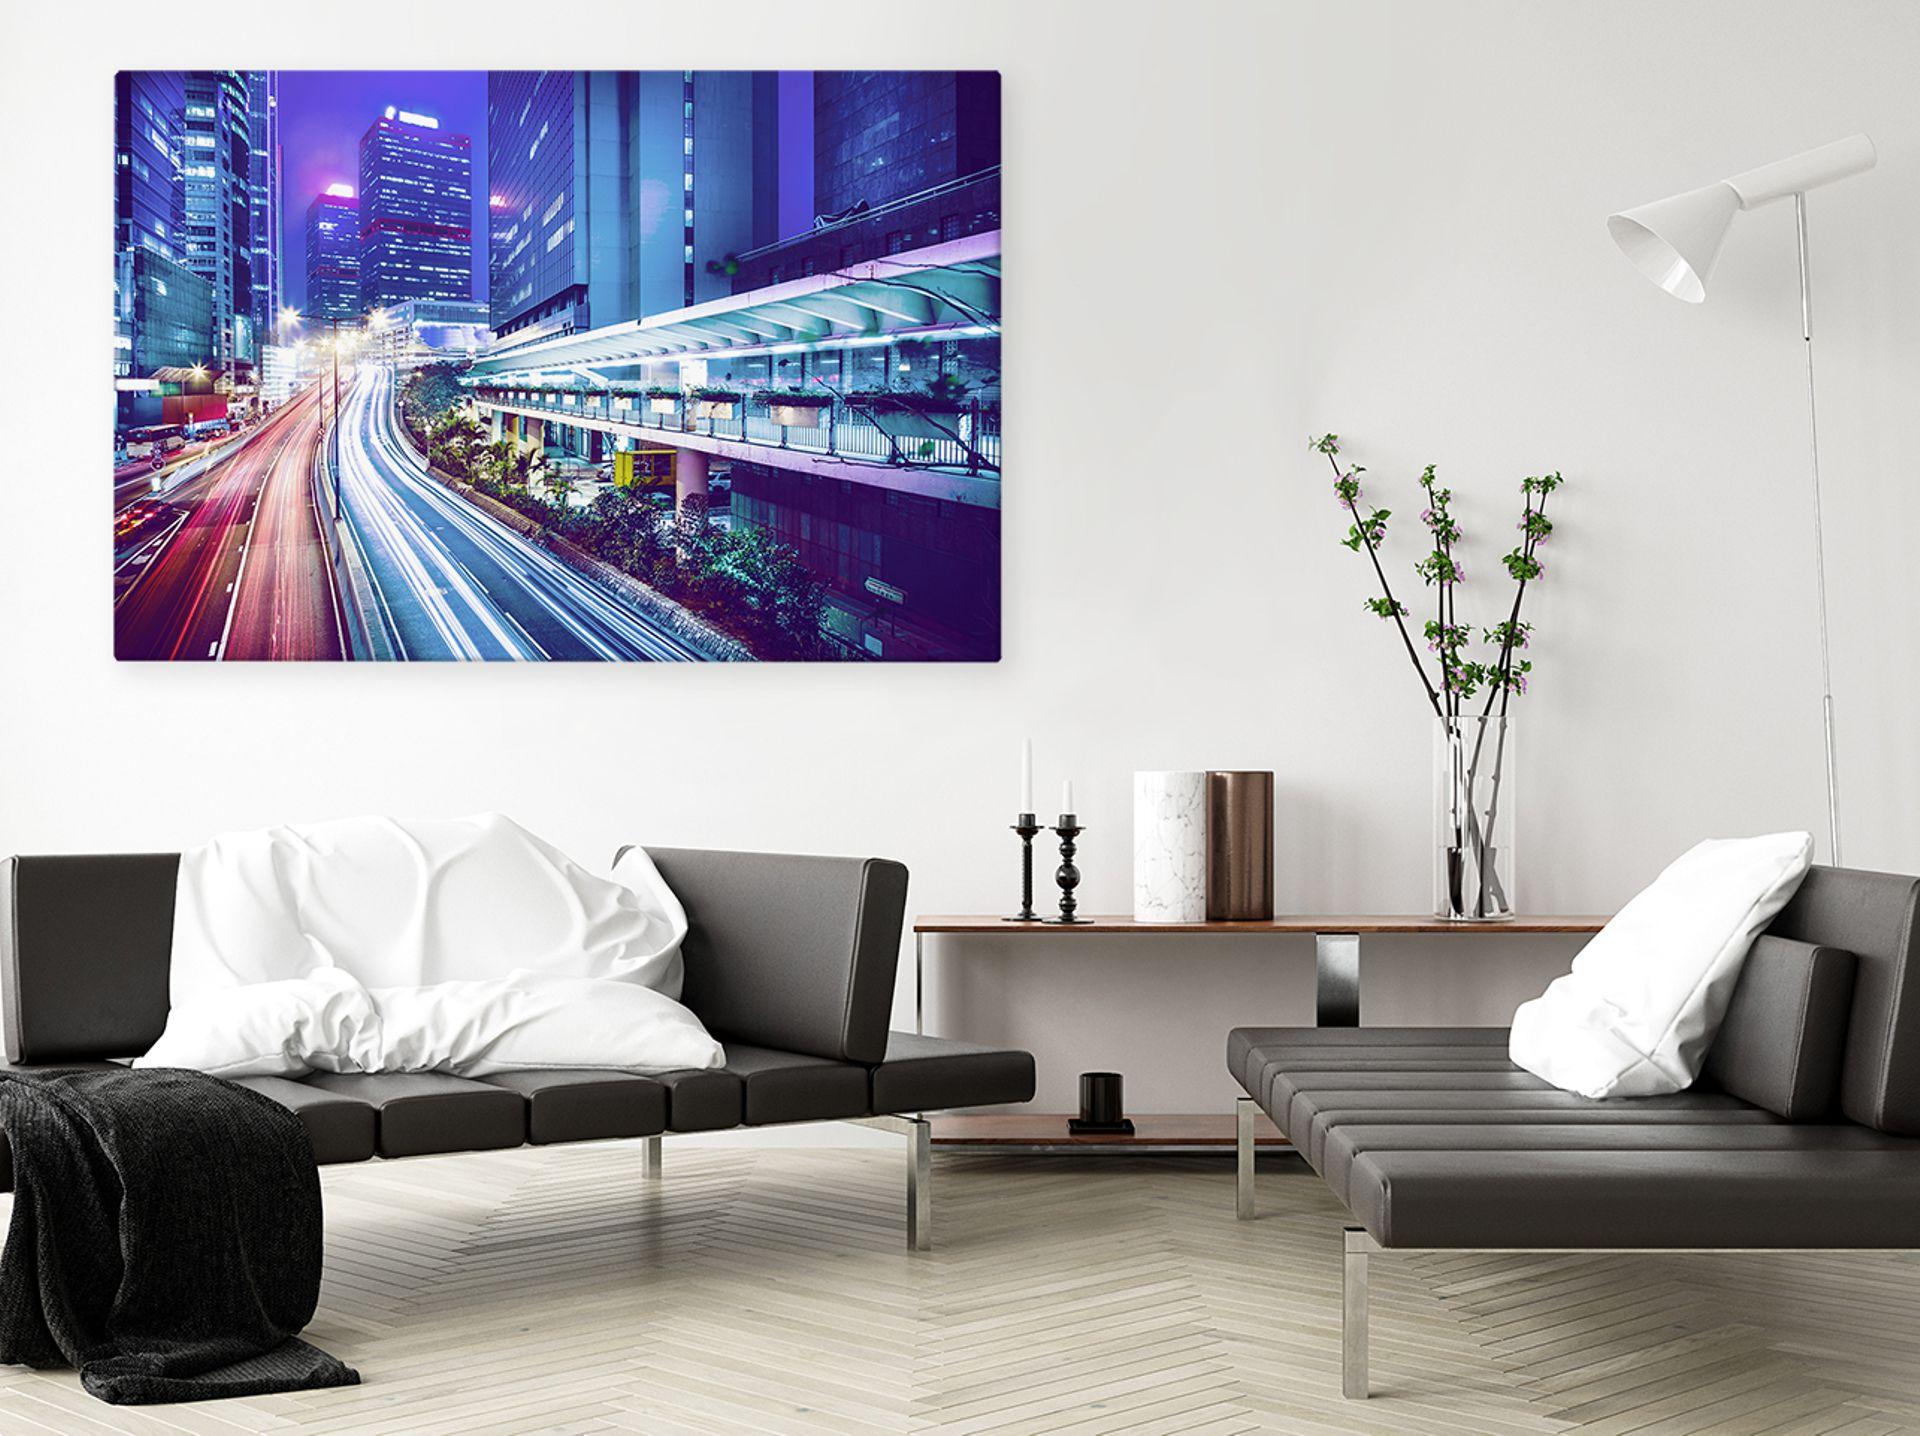 Obraz z widokiem miasta – dekoracja dla miłośników słynnych metropolii